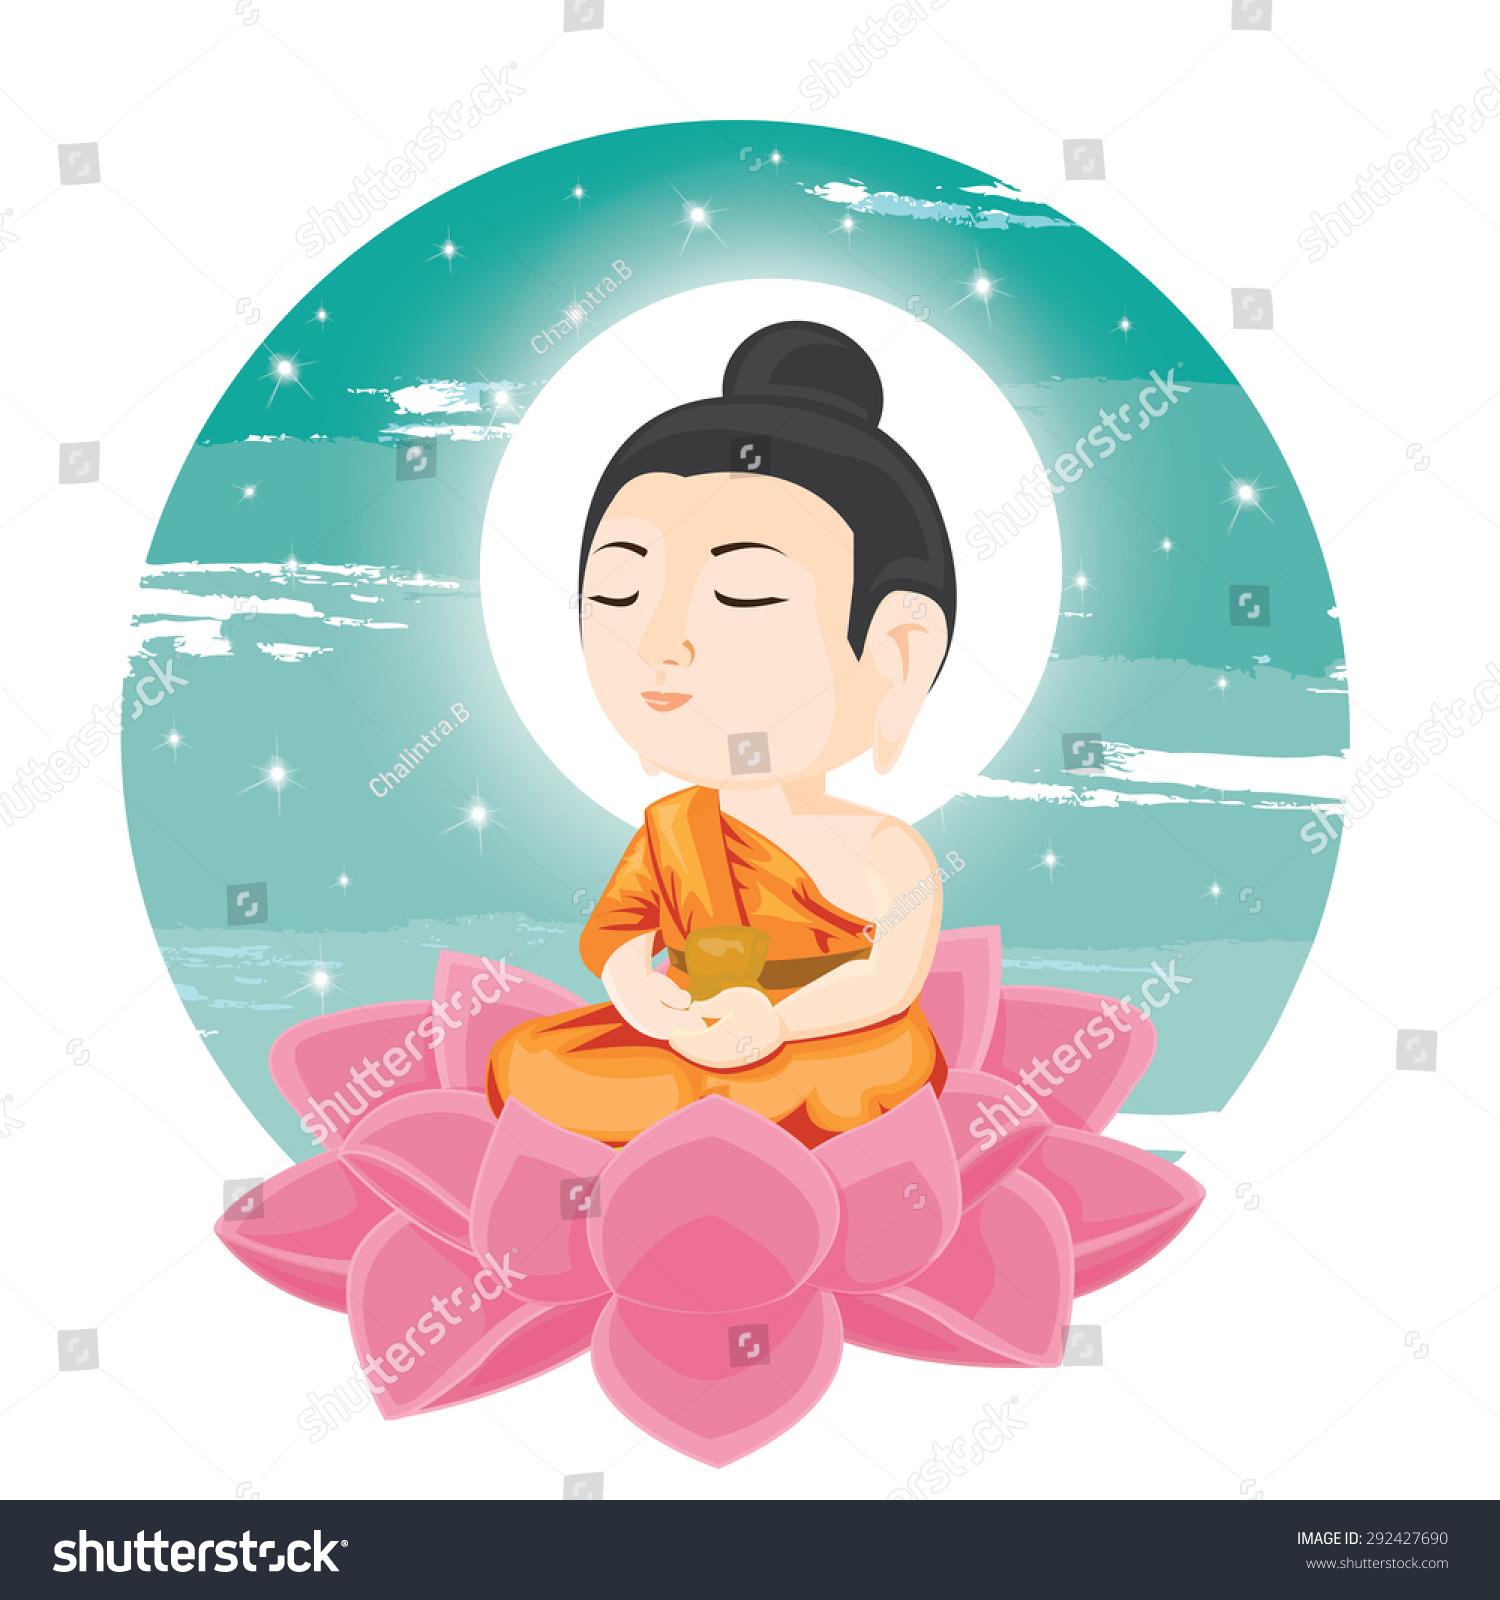 Illustration buddha sitting on lotus flower stock vector 292427690 buddha sitting on lotus flower dhlflorist Choice Image